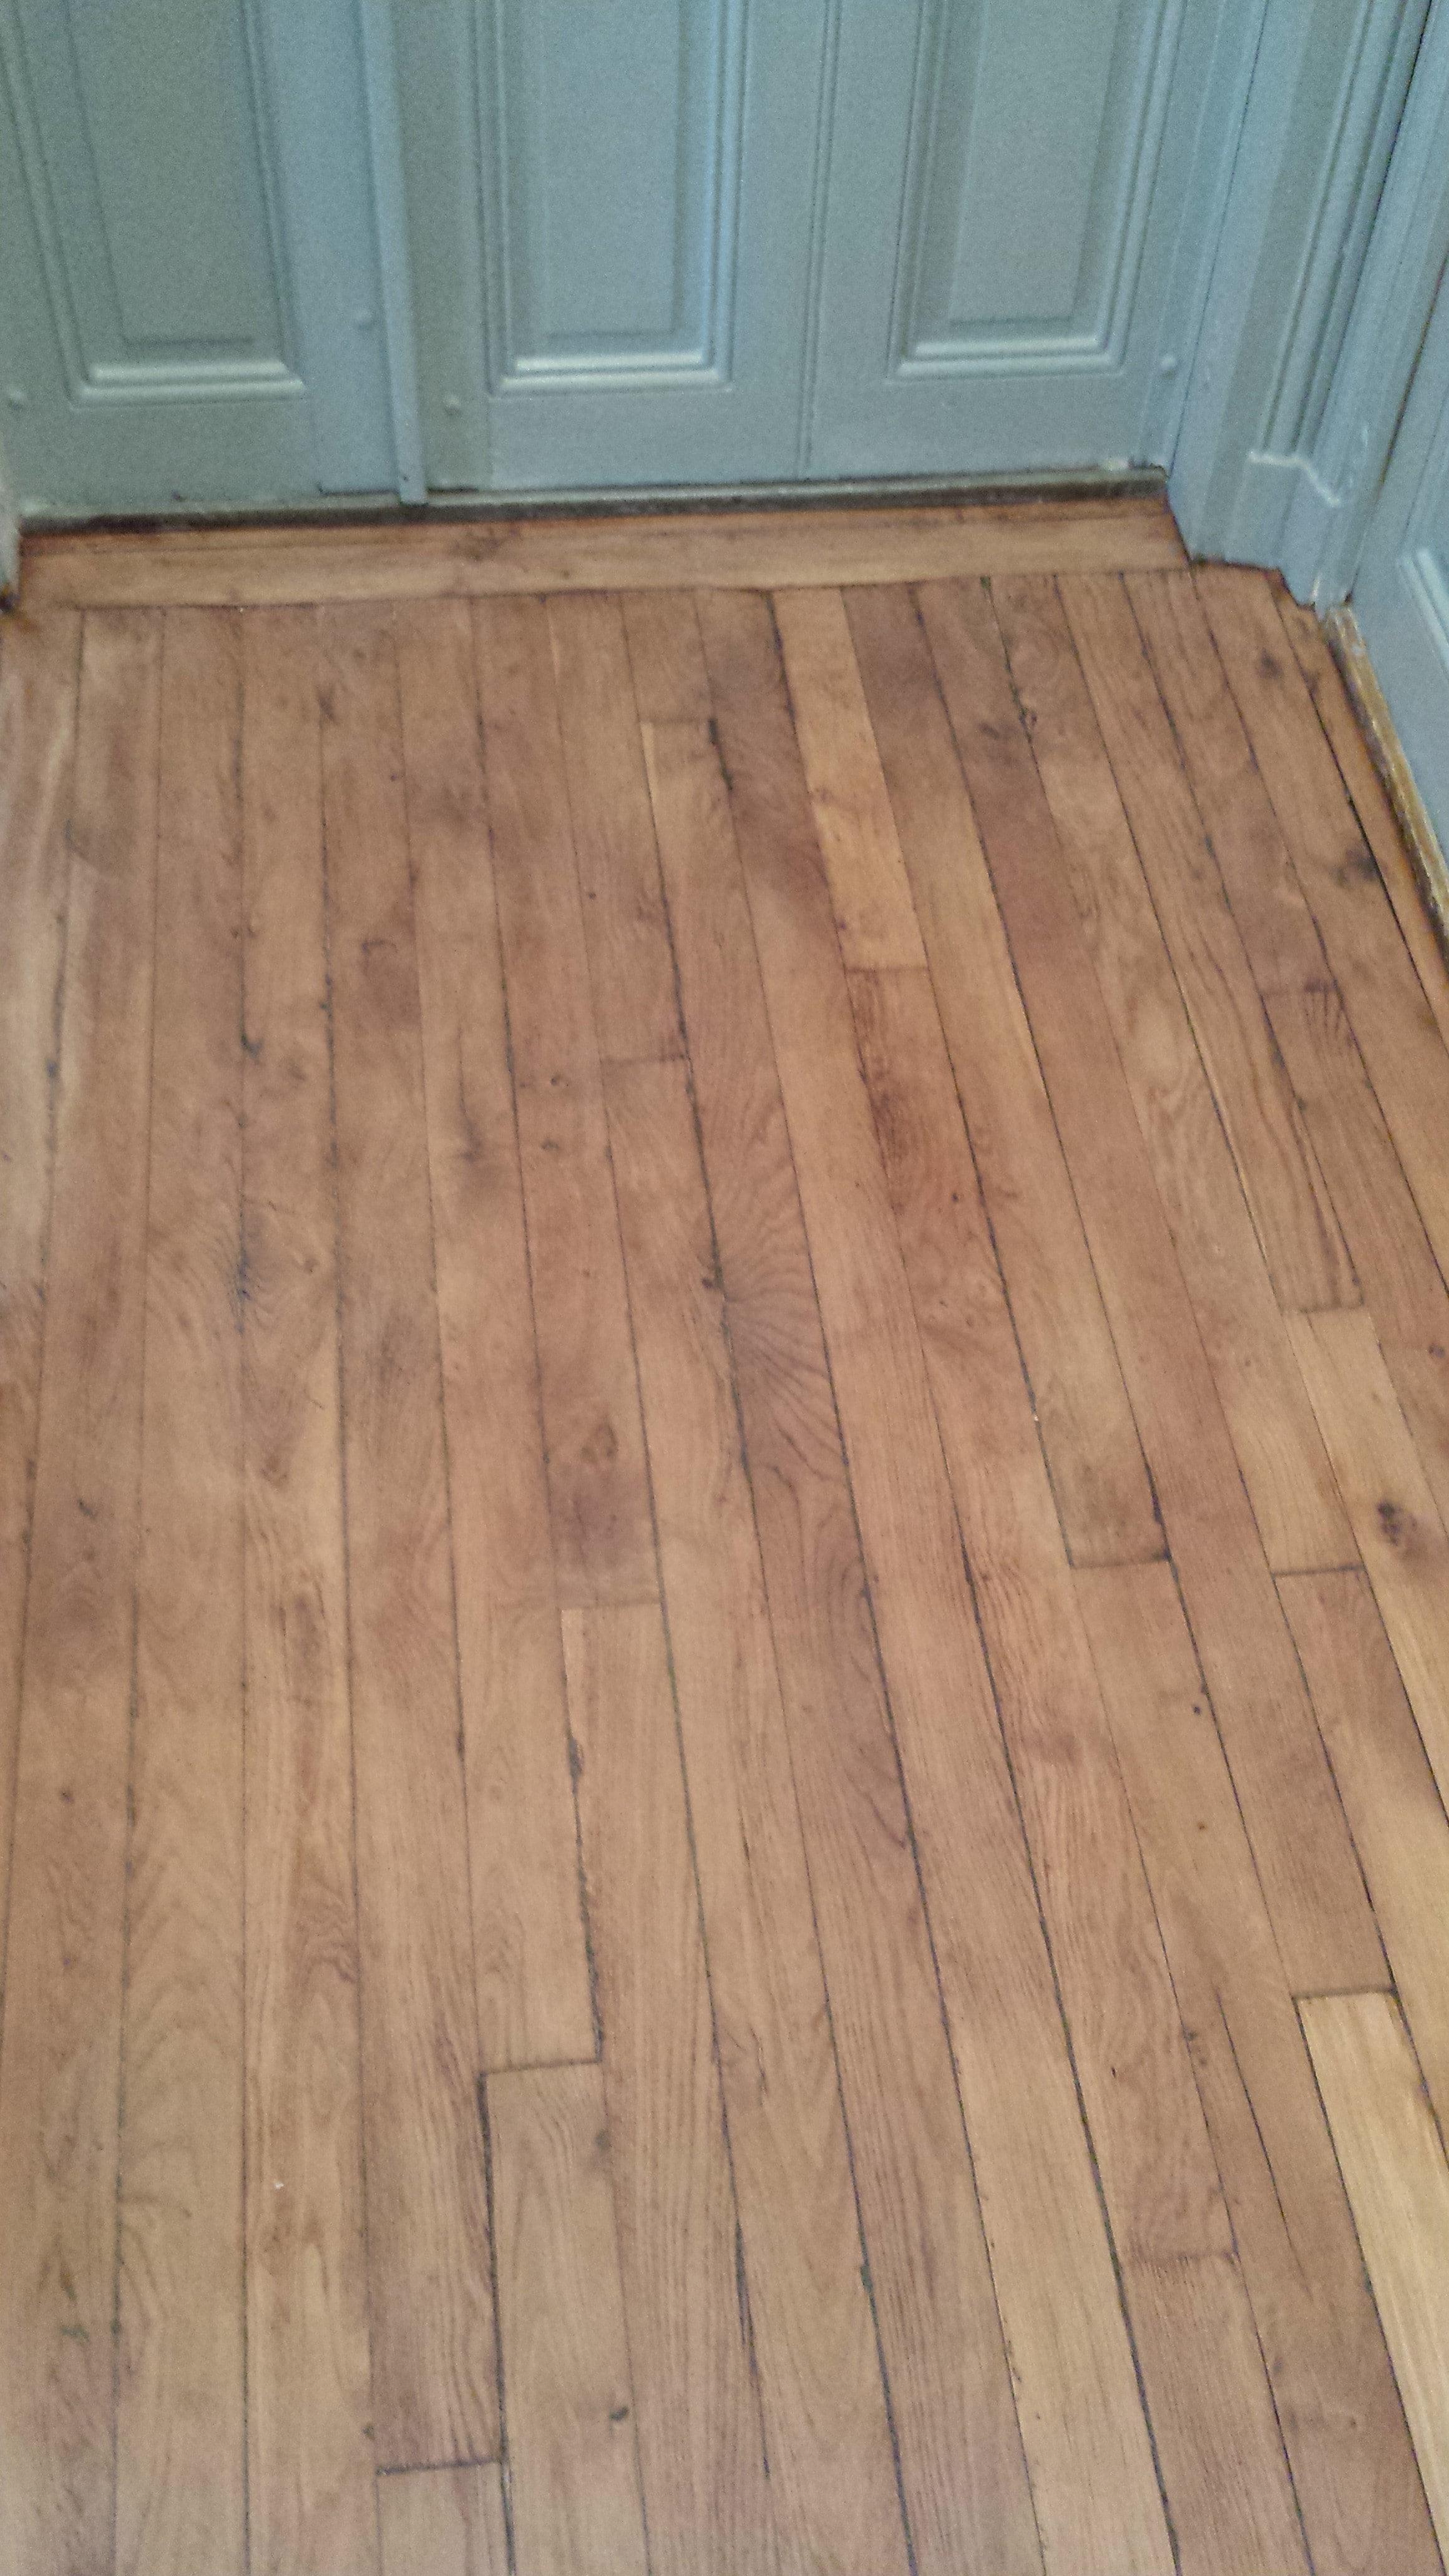 travaux-renovation-escalier-poncage-verni-immeuble-de-paris-8-plancher-texas-batiment-rge-min